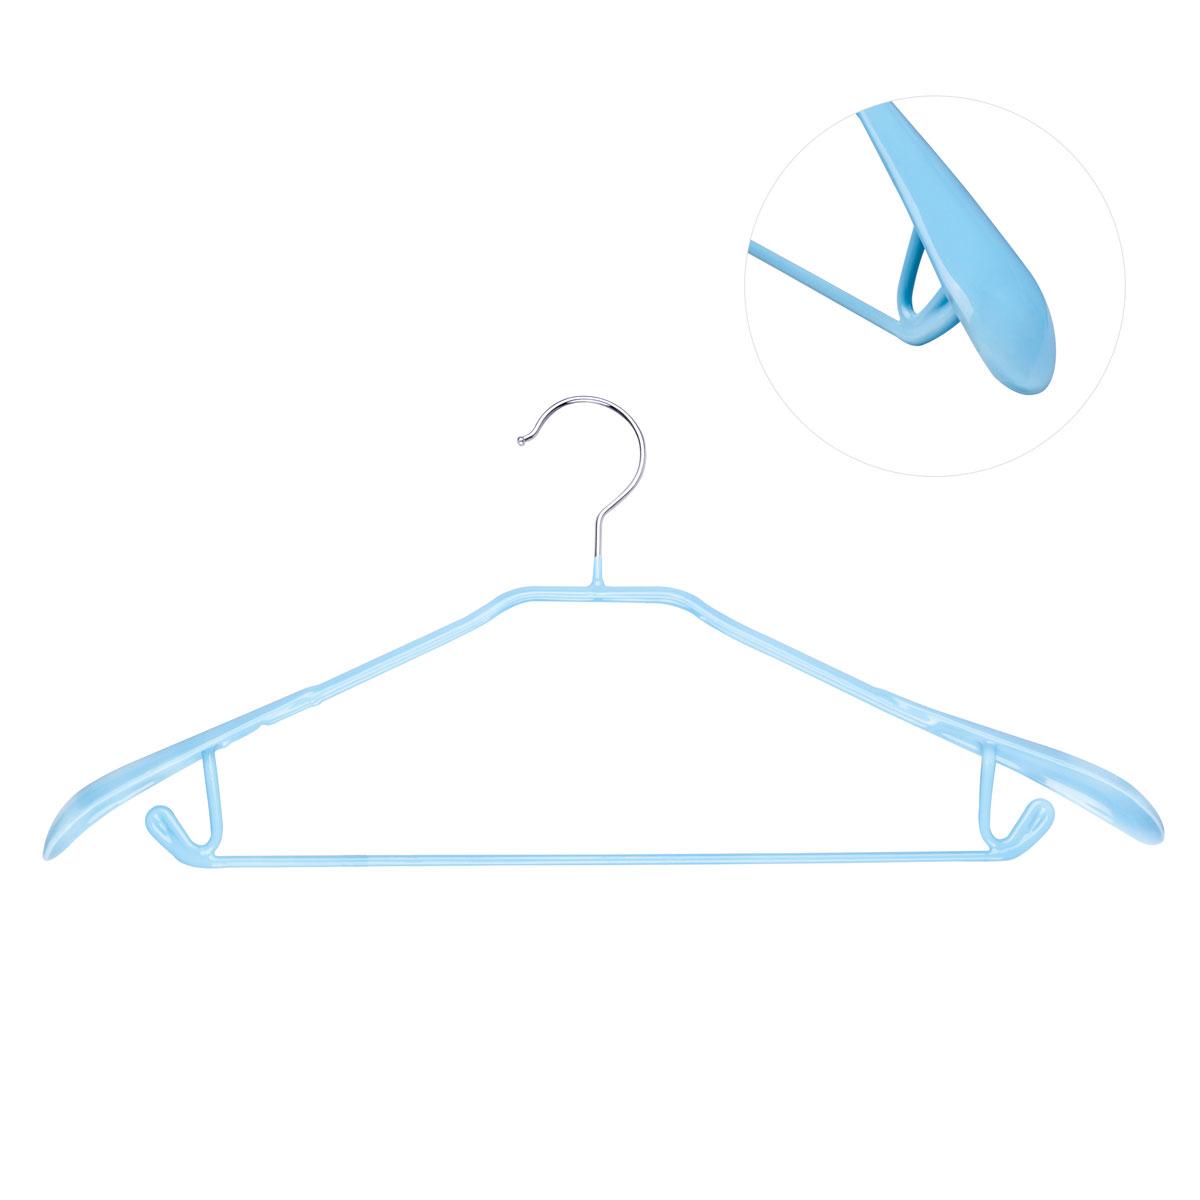 Вешалка для брюк Miolla, цвет: голубой, длина 43 см8812Вешалка для брюк Miolla выполнена из металла со специальным резиновым покрытием. Такое покрытие исключает случайное повреждение одежды и ее соскальзывание. Изделие оснащено перекладиной, расширенными плечиками и крючками для юбок и брюк.Вешалка Miolla станет практичным и полезным аксессуаром в вашем гардеробе.Длина: 43 см.